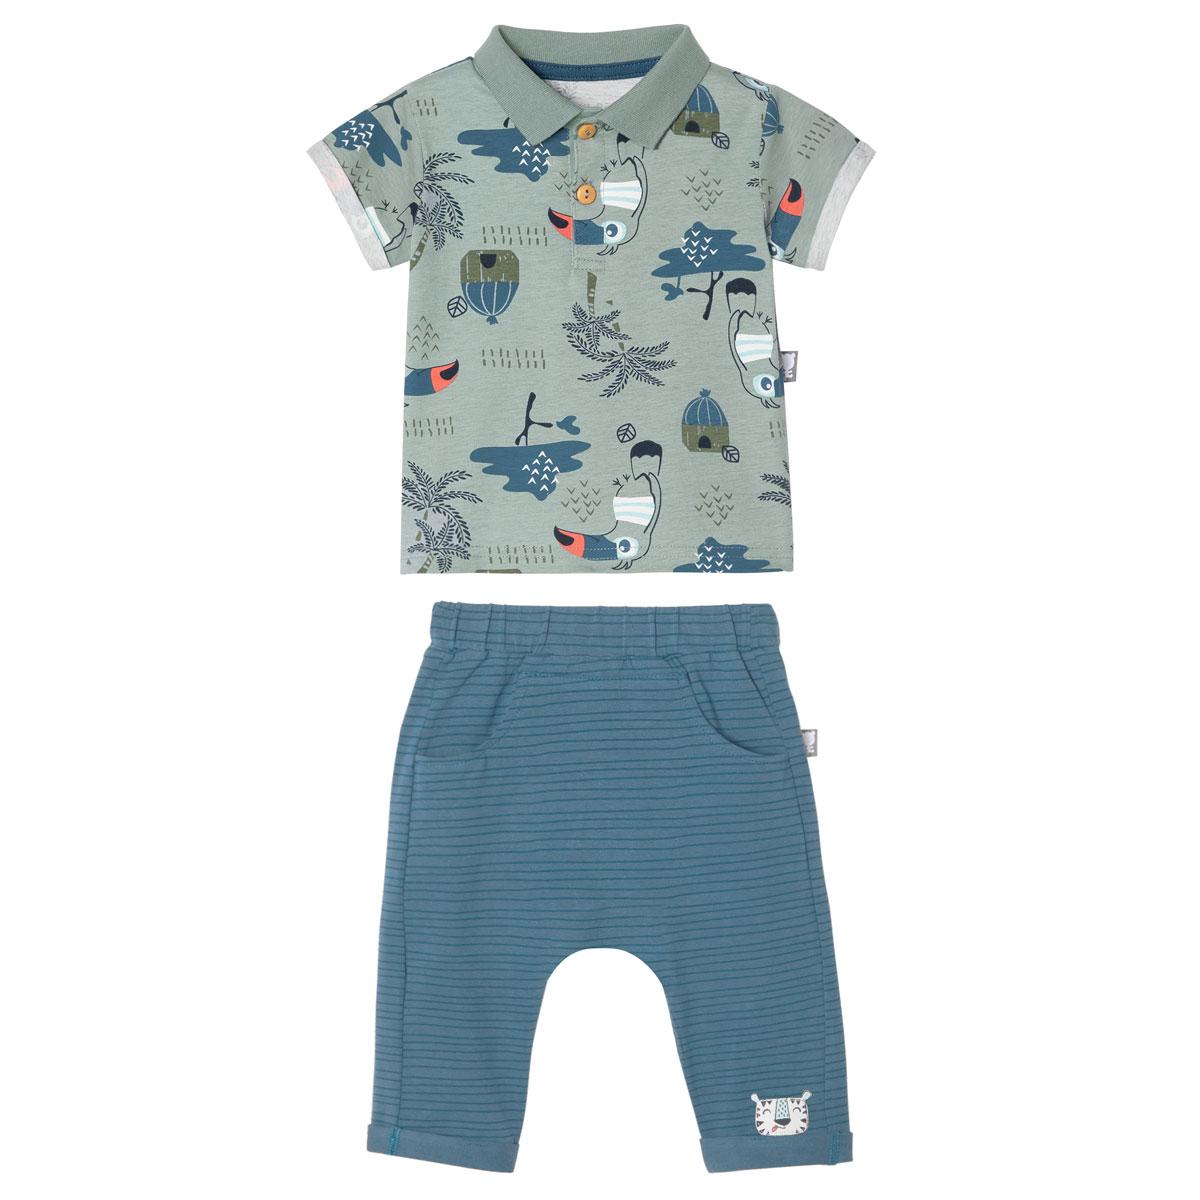 Ensemble bébé garçon chemise + pantalon Bora Bora